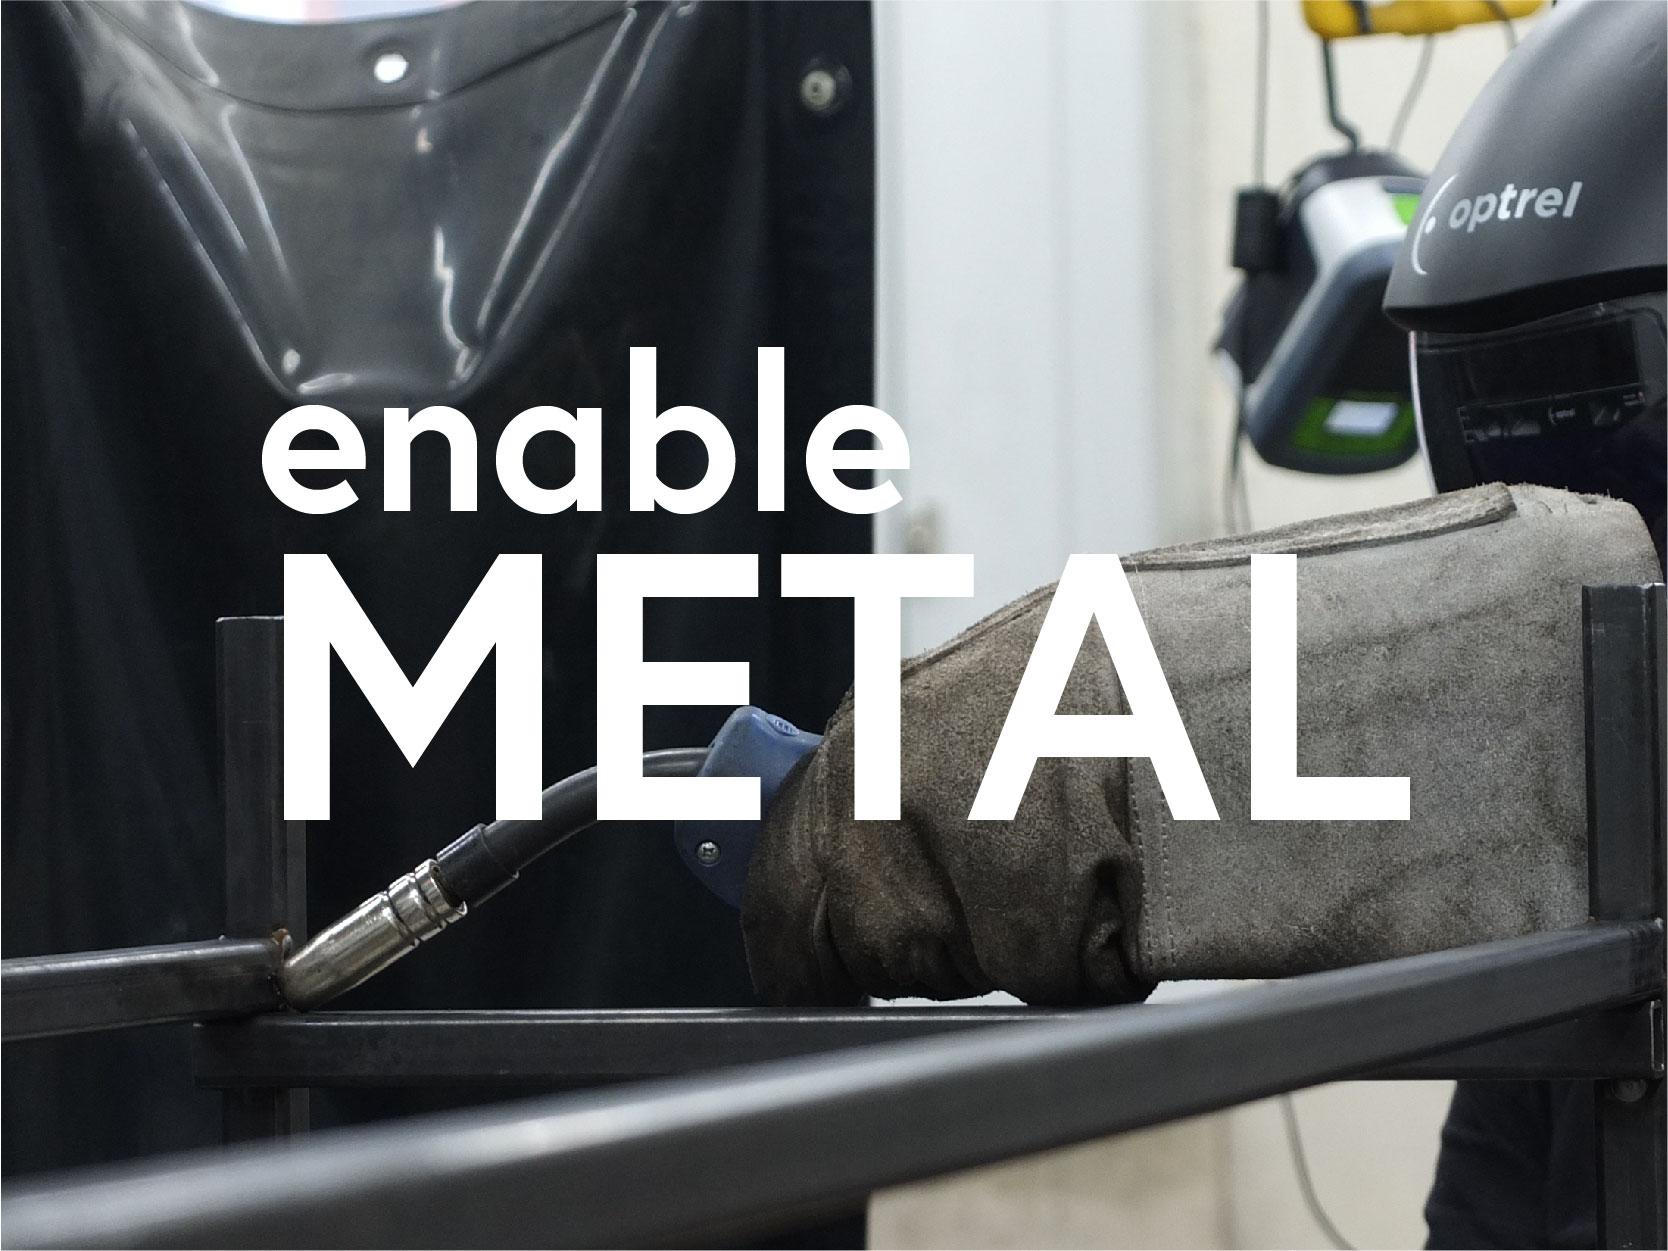 enable METAL